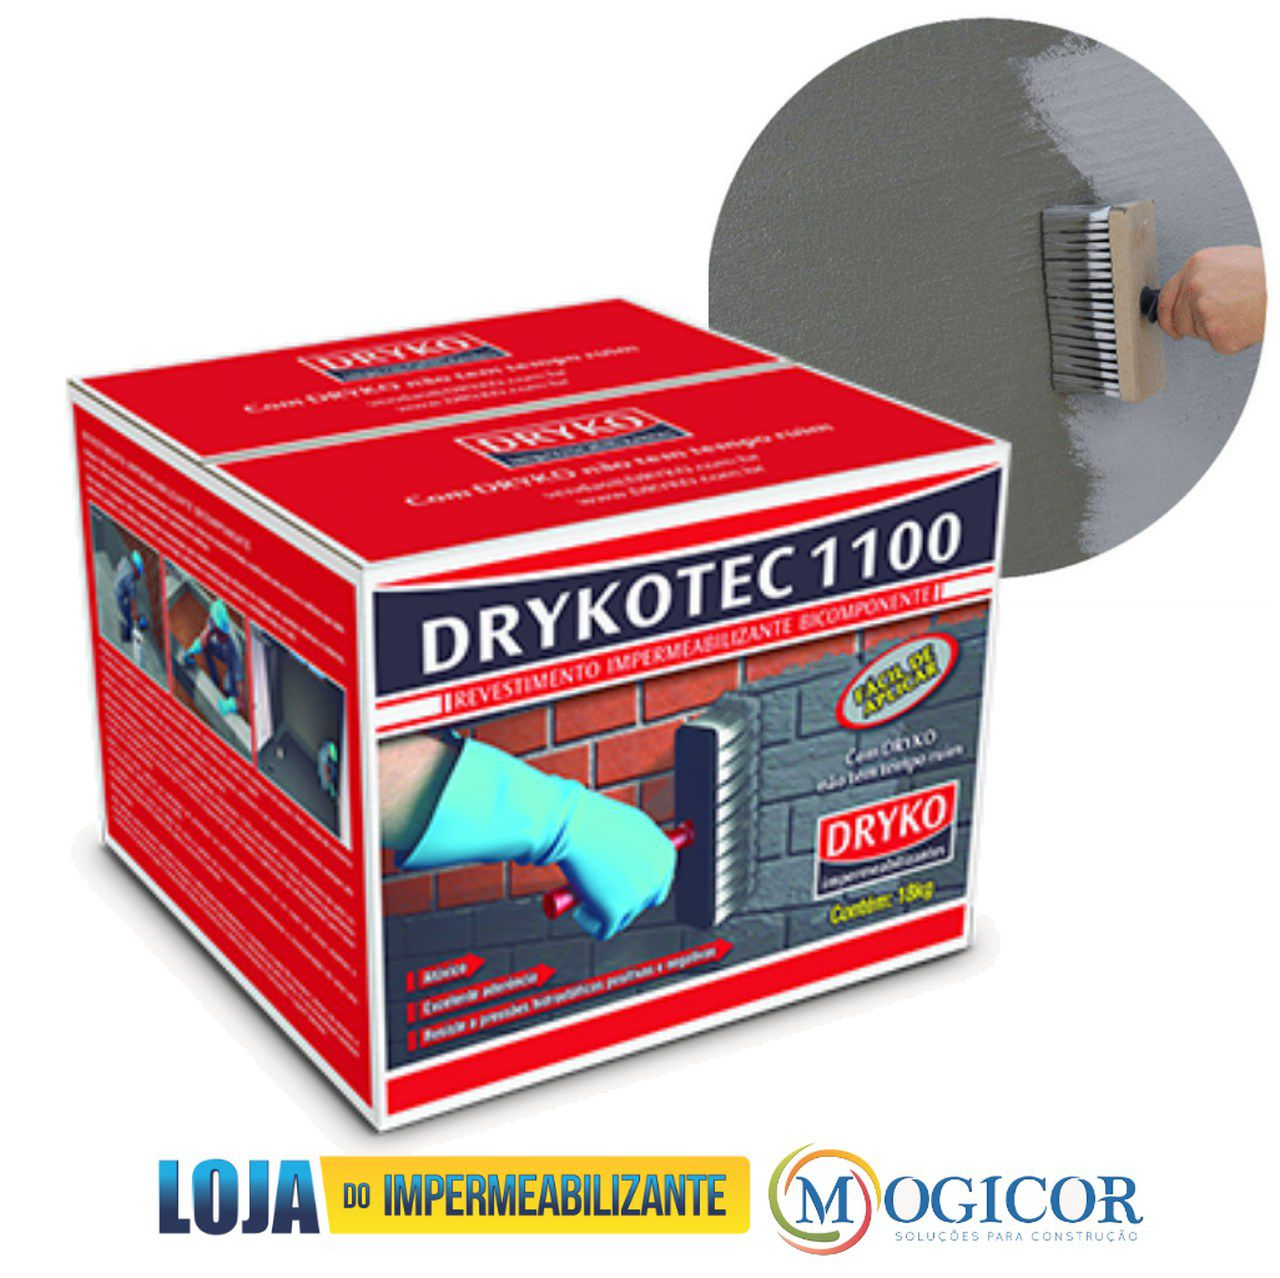 Impermeabilizante Antimofo 18kg Parede Rodapé Sapatas Tanque - Drykotec 1100